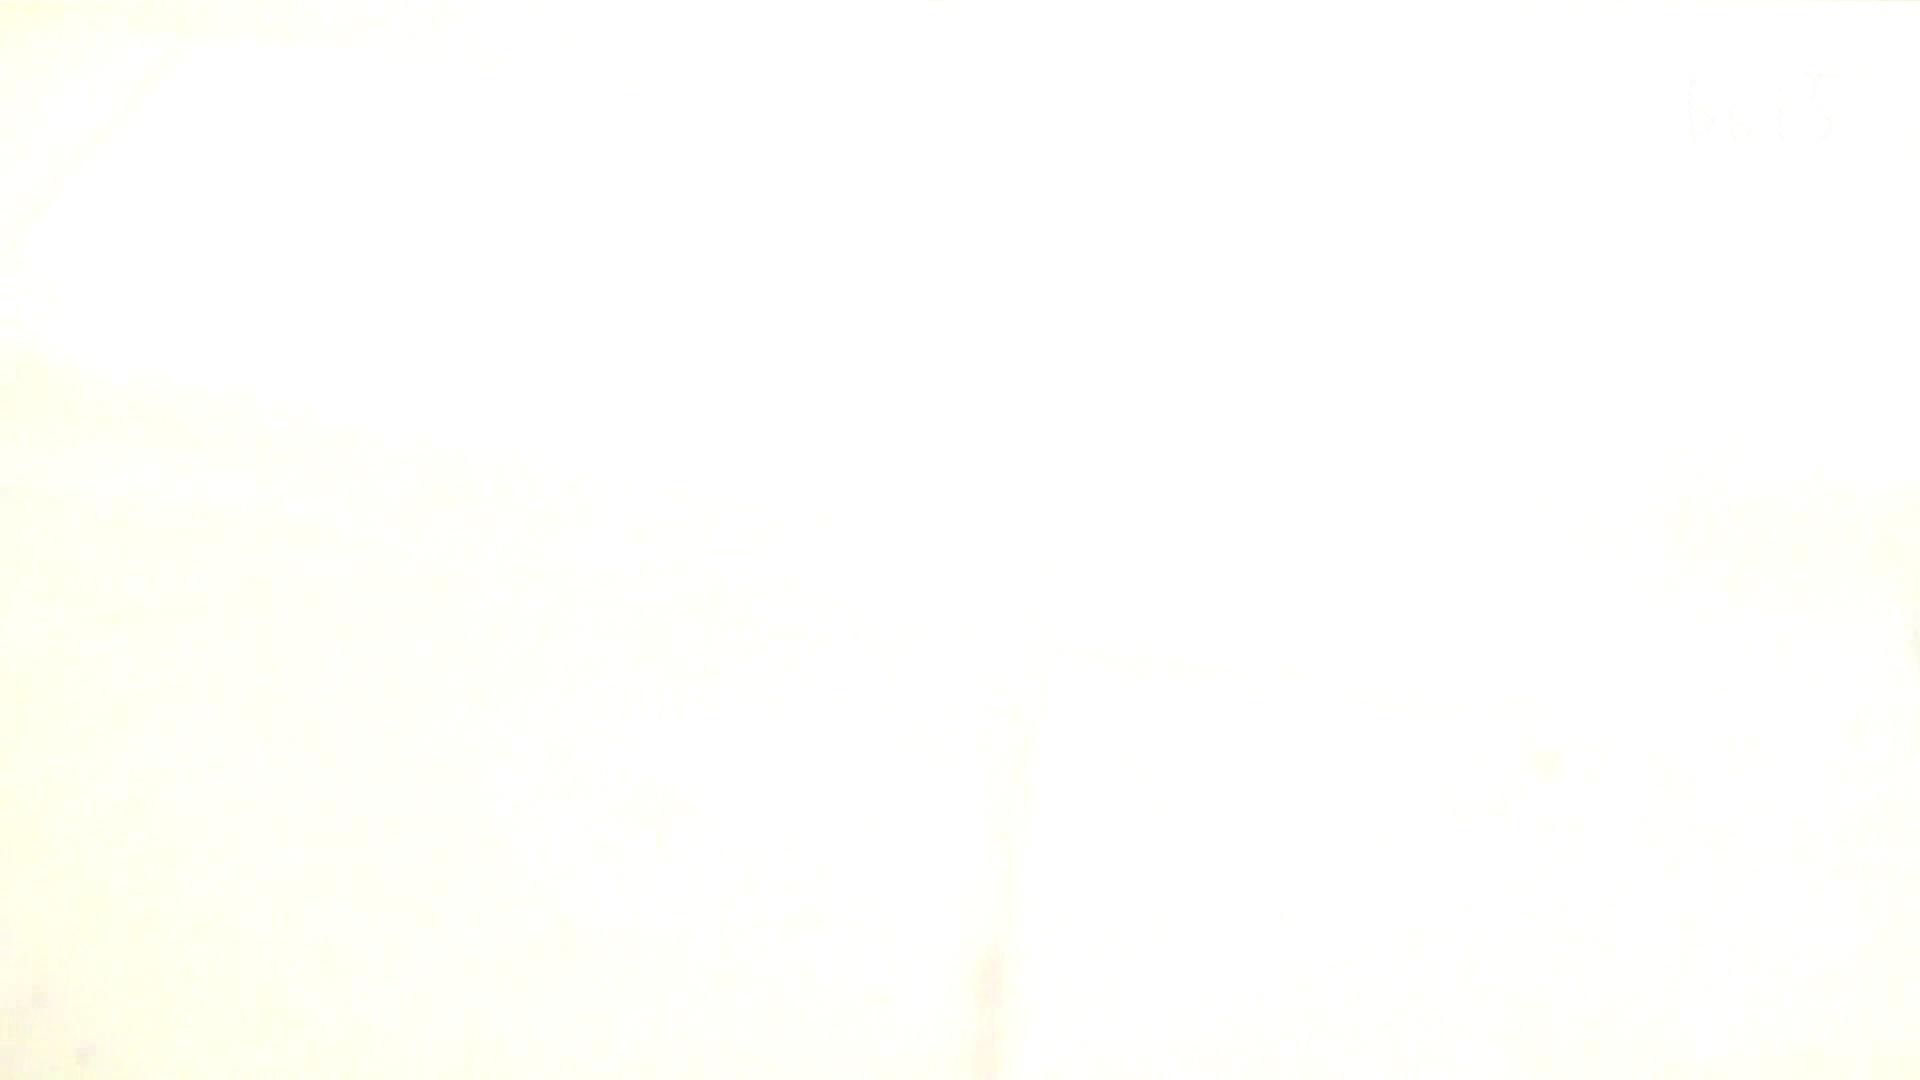 ナースのお小水 vol.005 Hなナース | 下半身  98pic 75